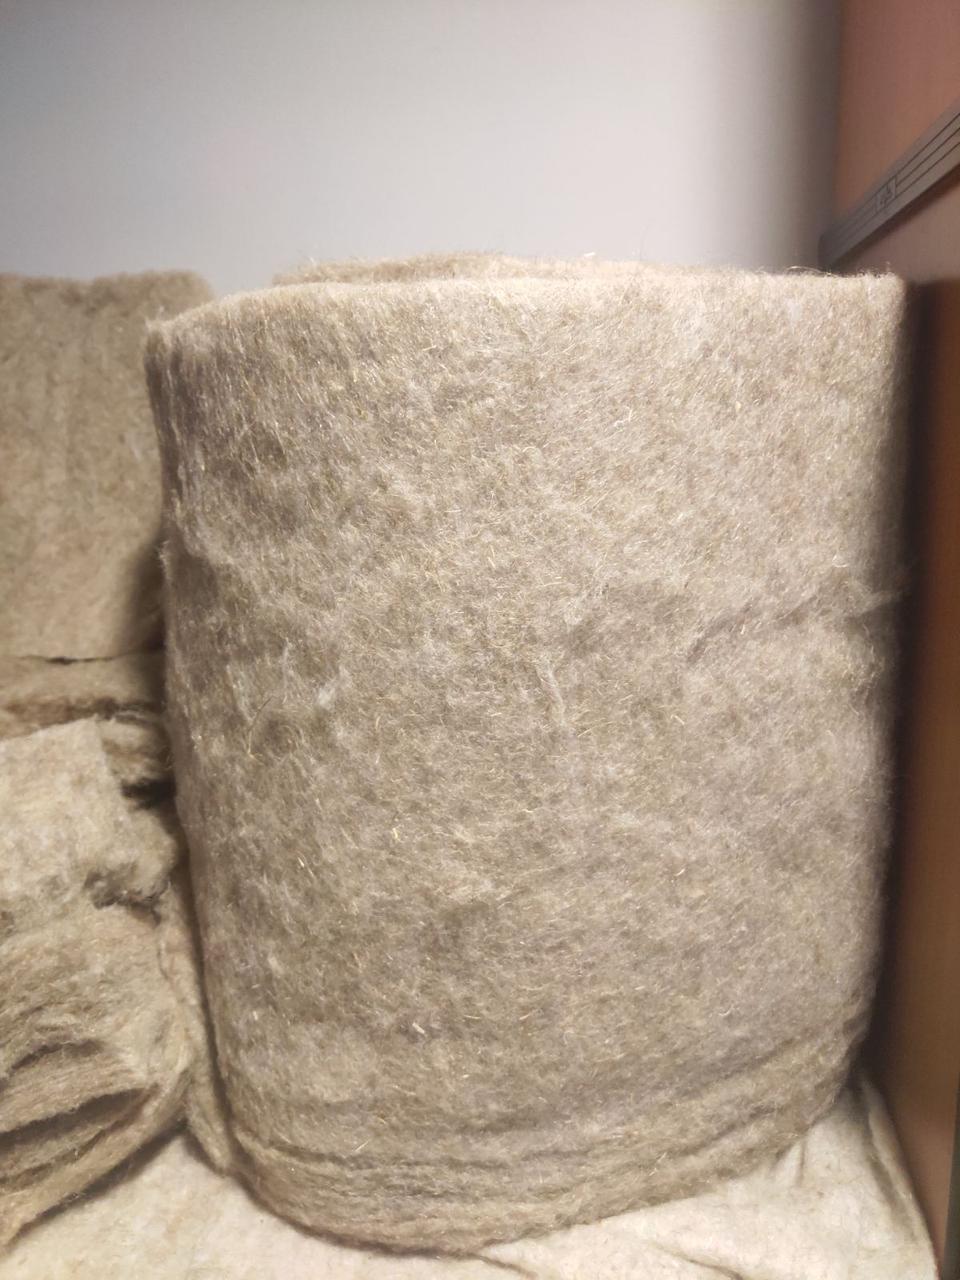 Оконный утеплитель материал ЛЕН натуральный толщина 3 см в ленте шир. 40 см длина 10 м, фото 1